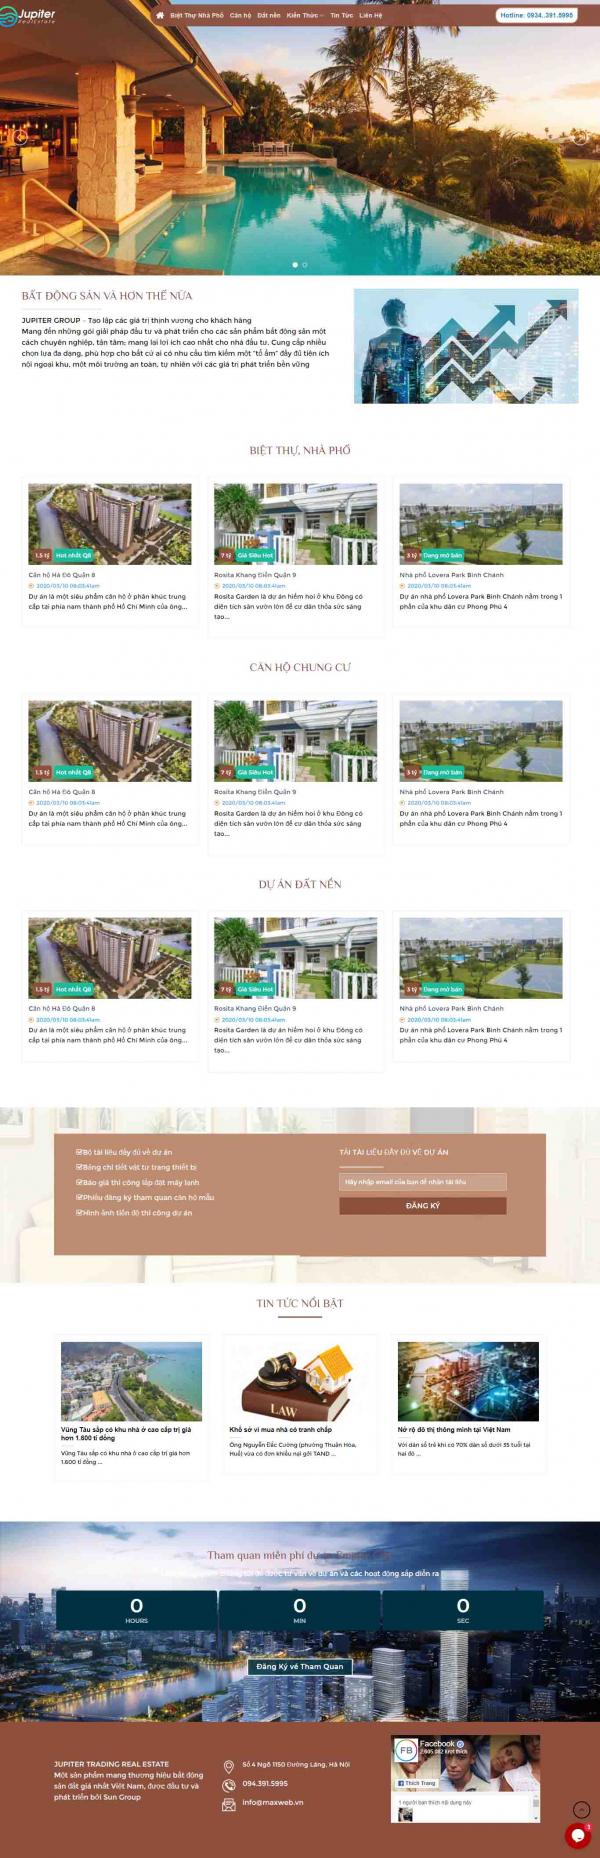 Mẫu giao diện thiết kế web bất động sản